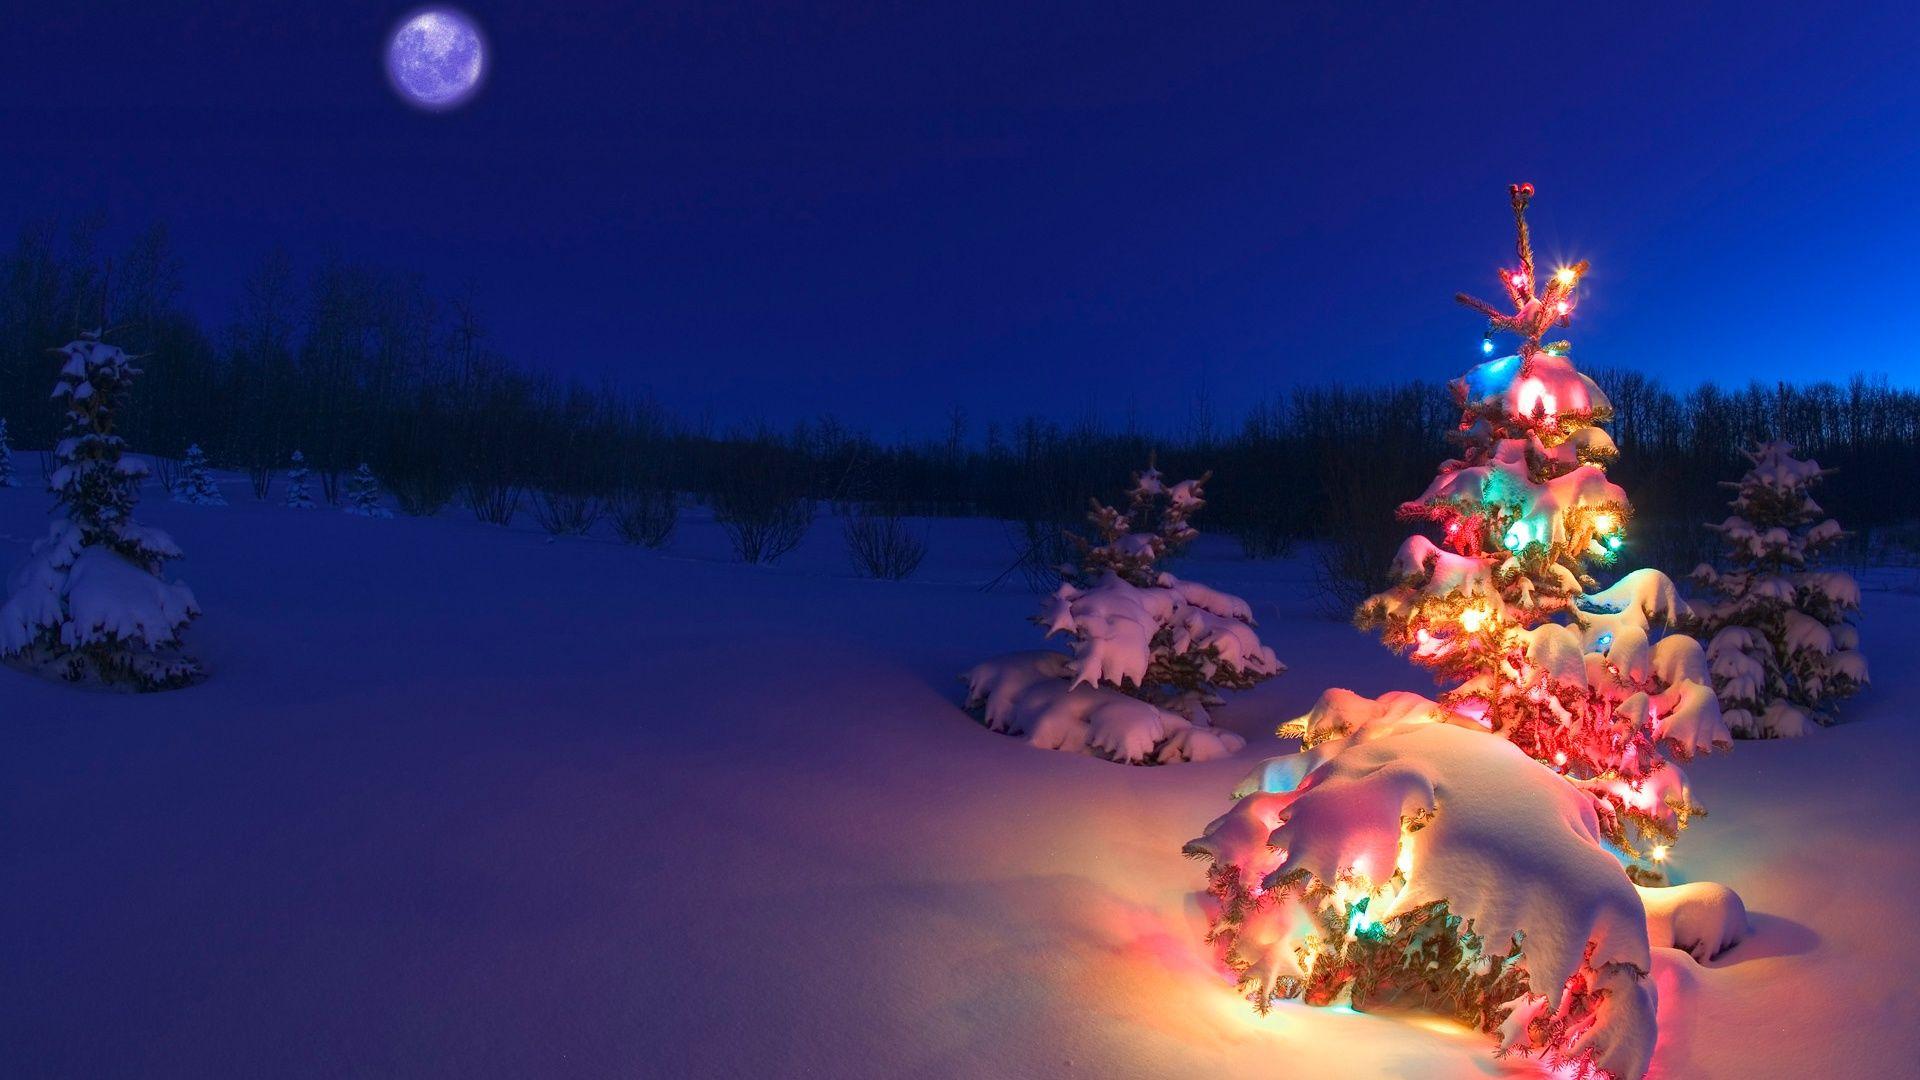 50 Beautiful Christmas Tree Wallpapers Christmas Desktop Christmas Desktop Wallpaper Christmas Wallpaper Hd